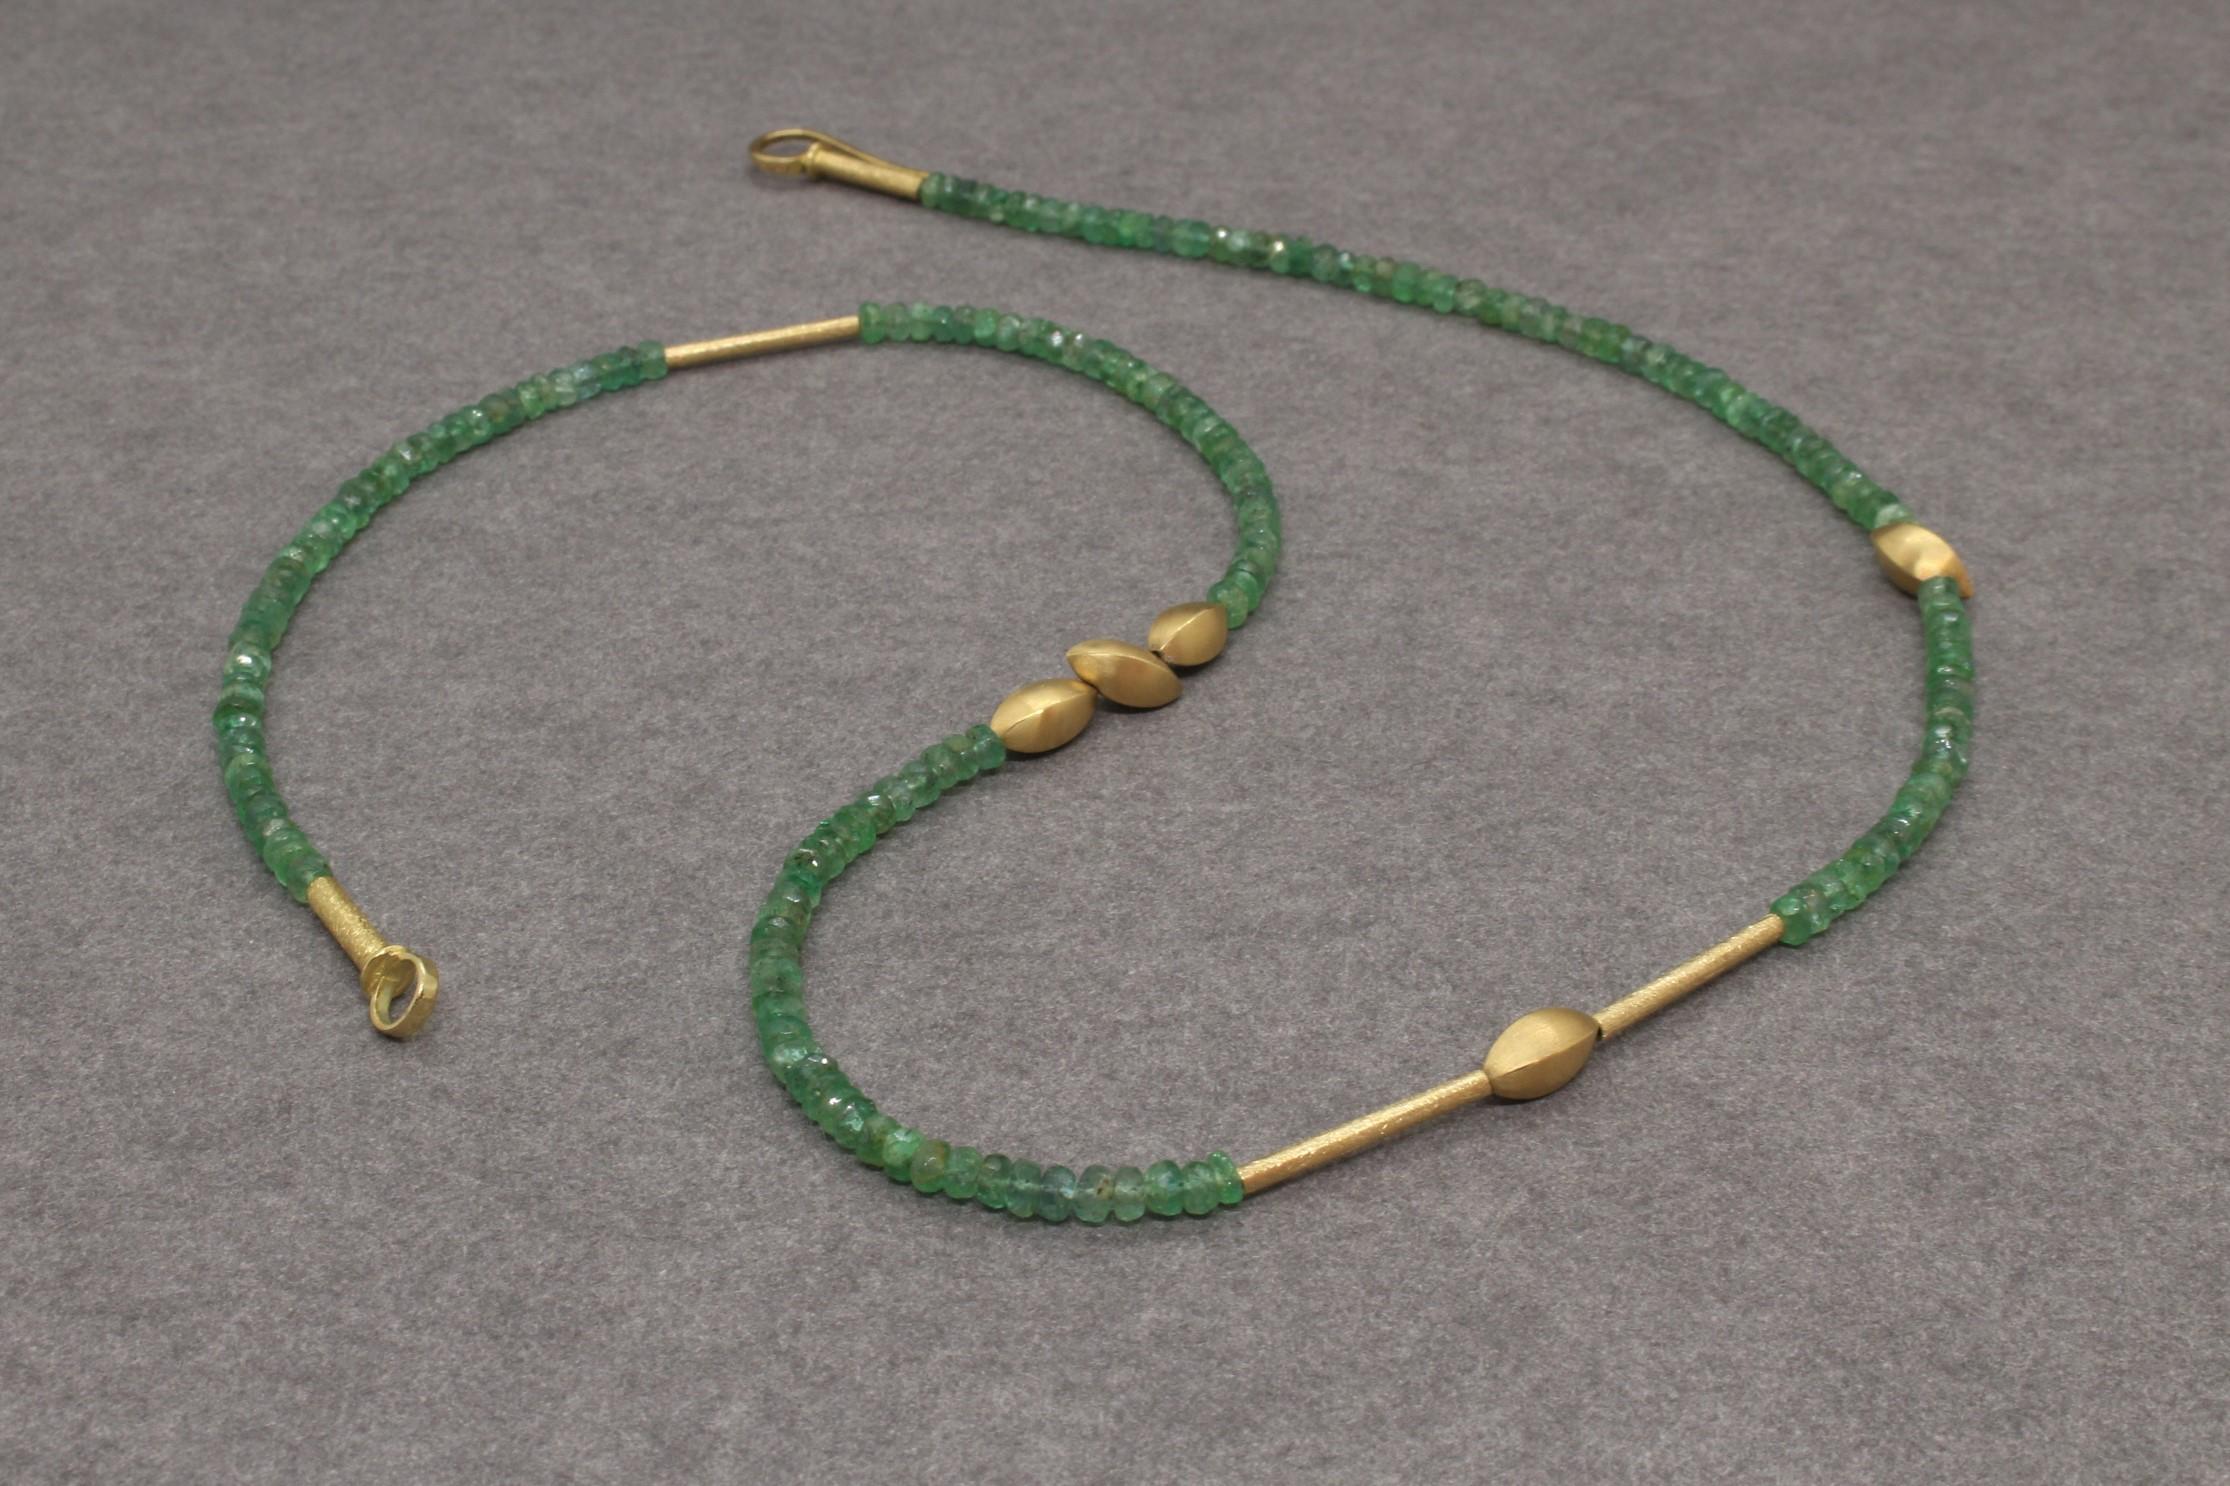 Smaragdkette mit Gelbgoldknospen